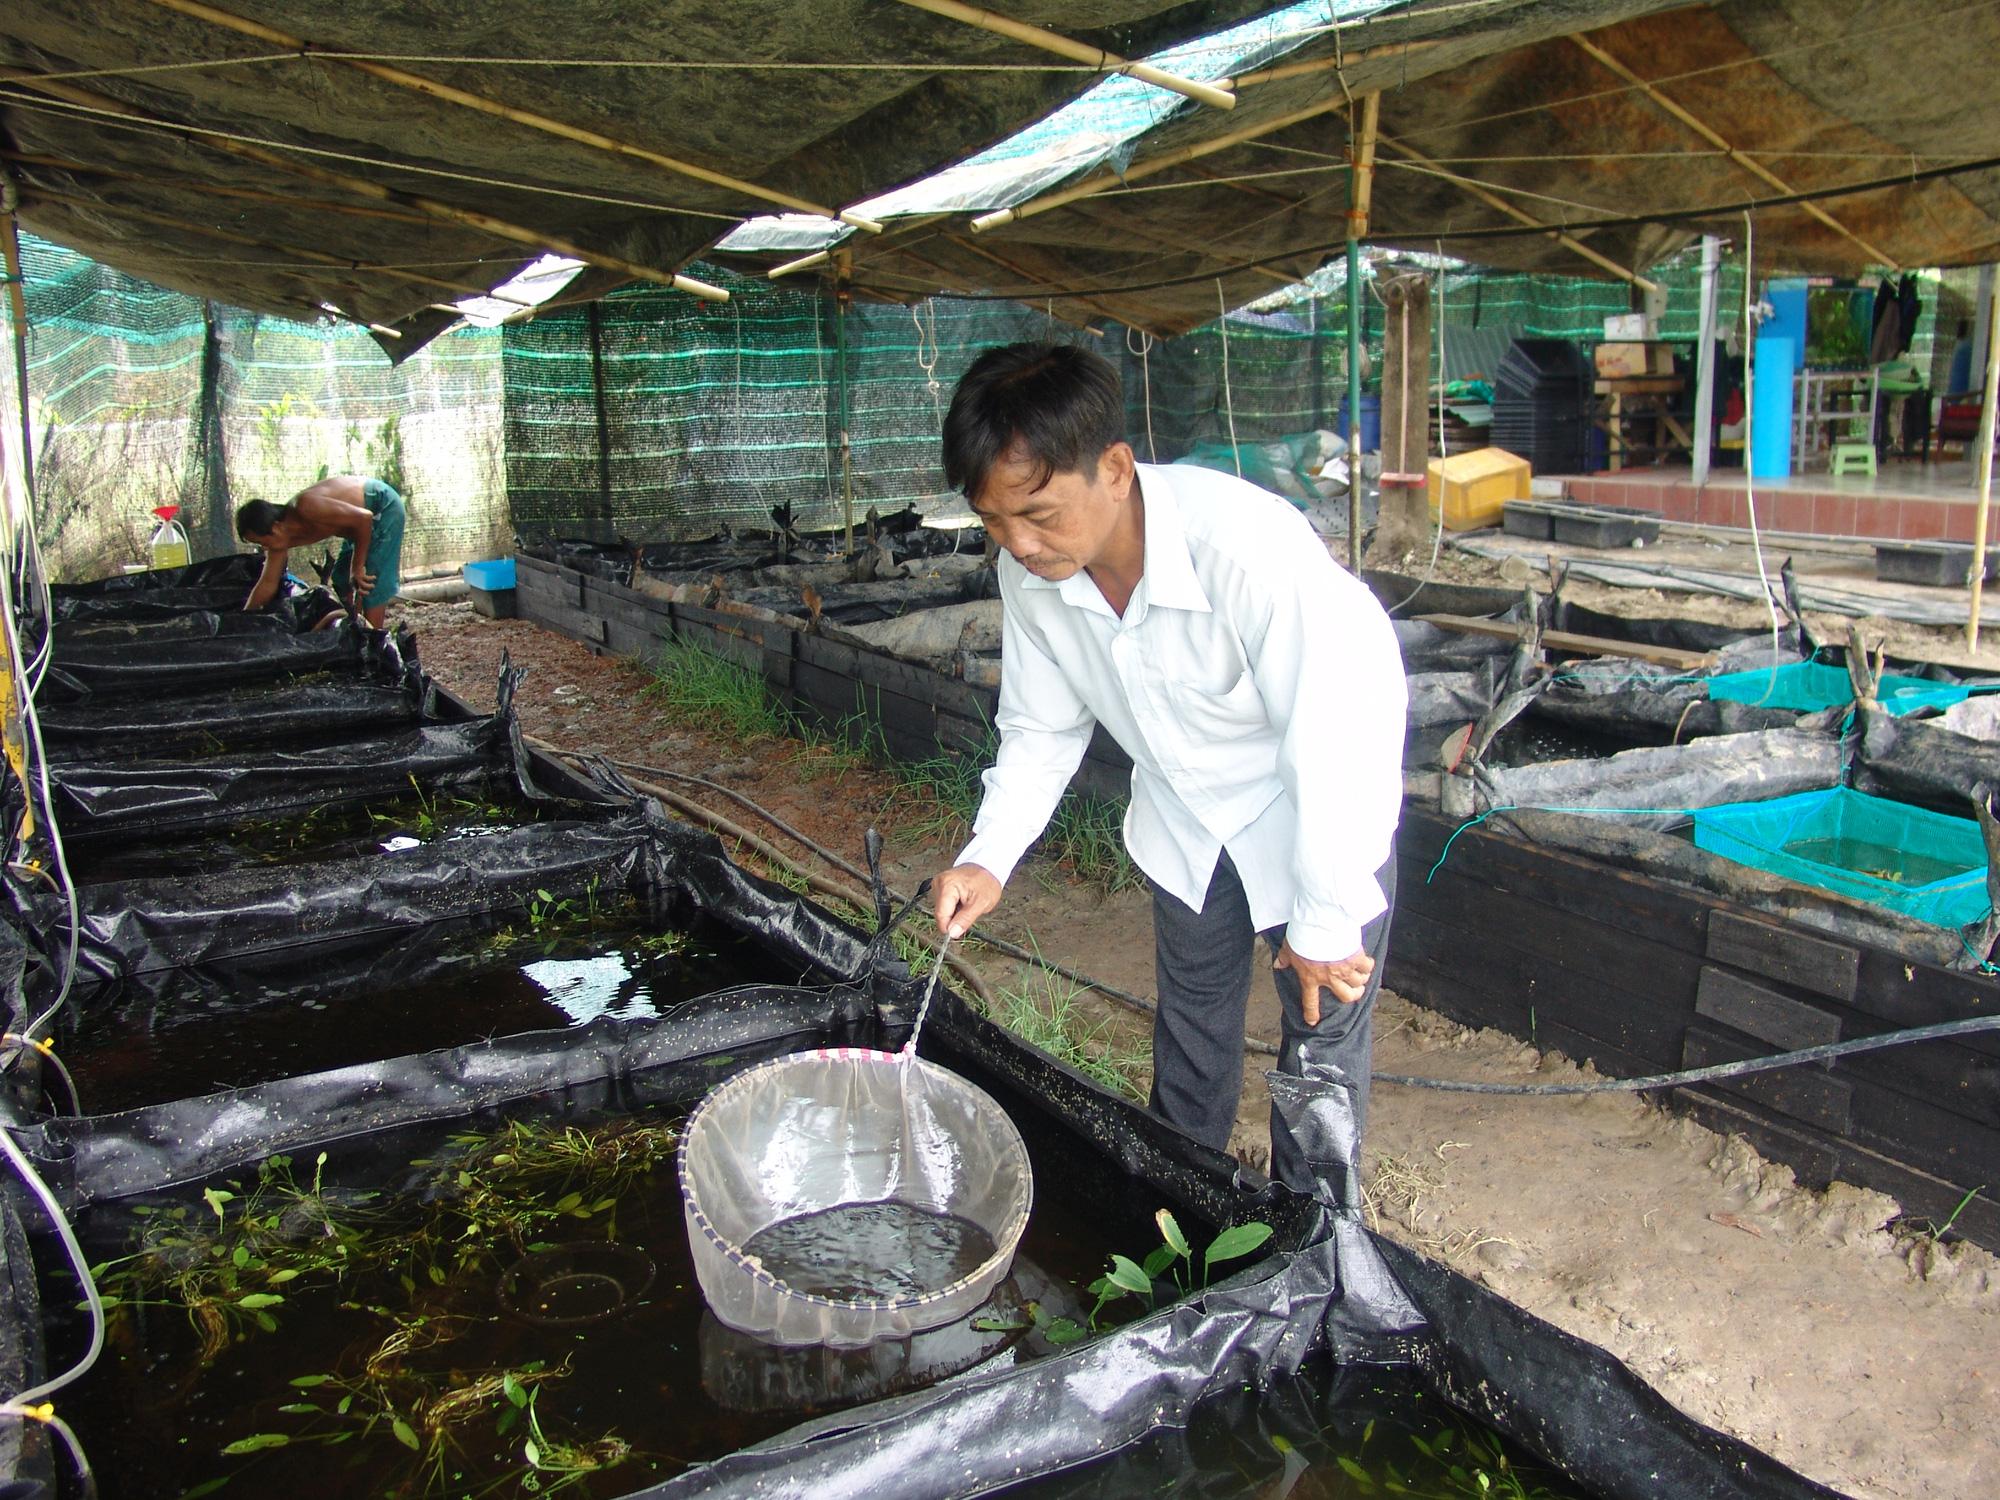 TP.HCM: Bán cá kiểng kiểu này, ông nông dân nuôi cá chỉ cần ngồi nhà thu tiền mỏi tay - Ảnh 4.